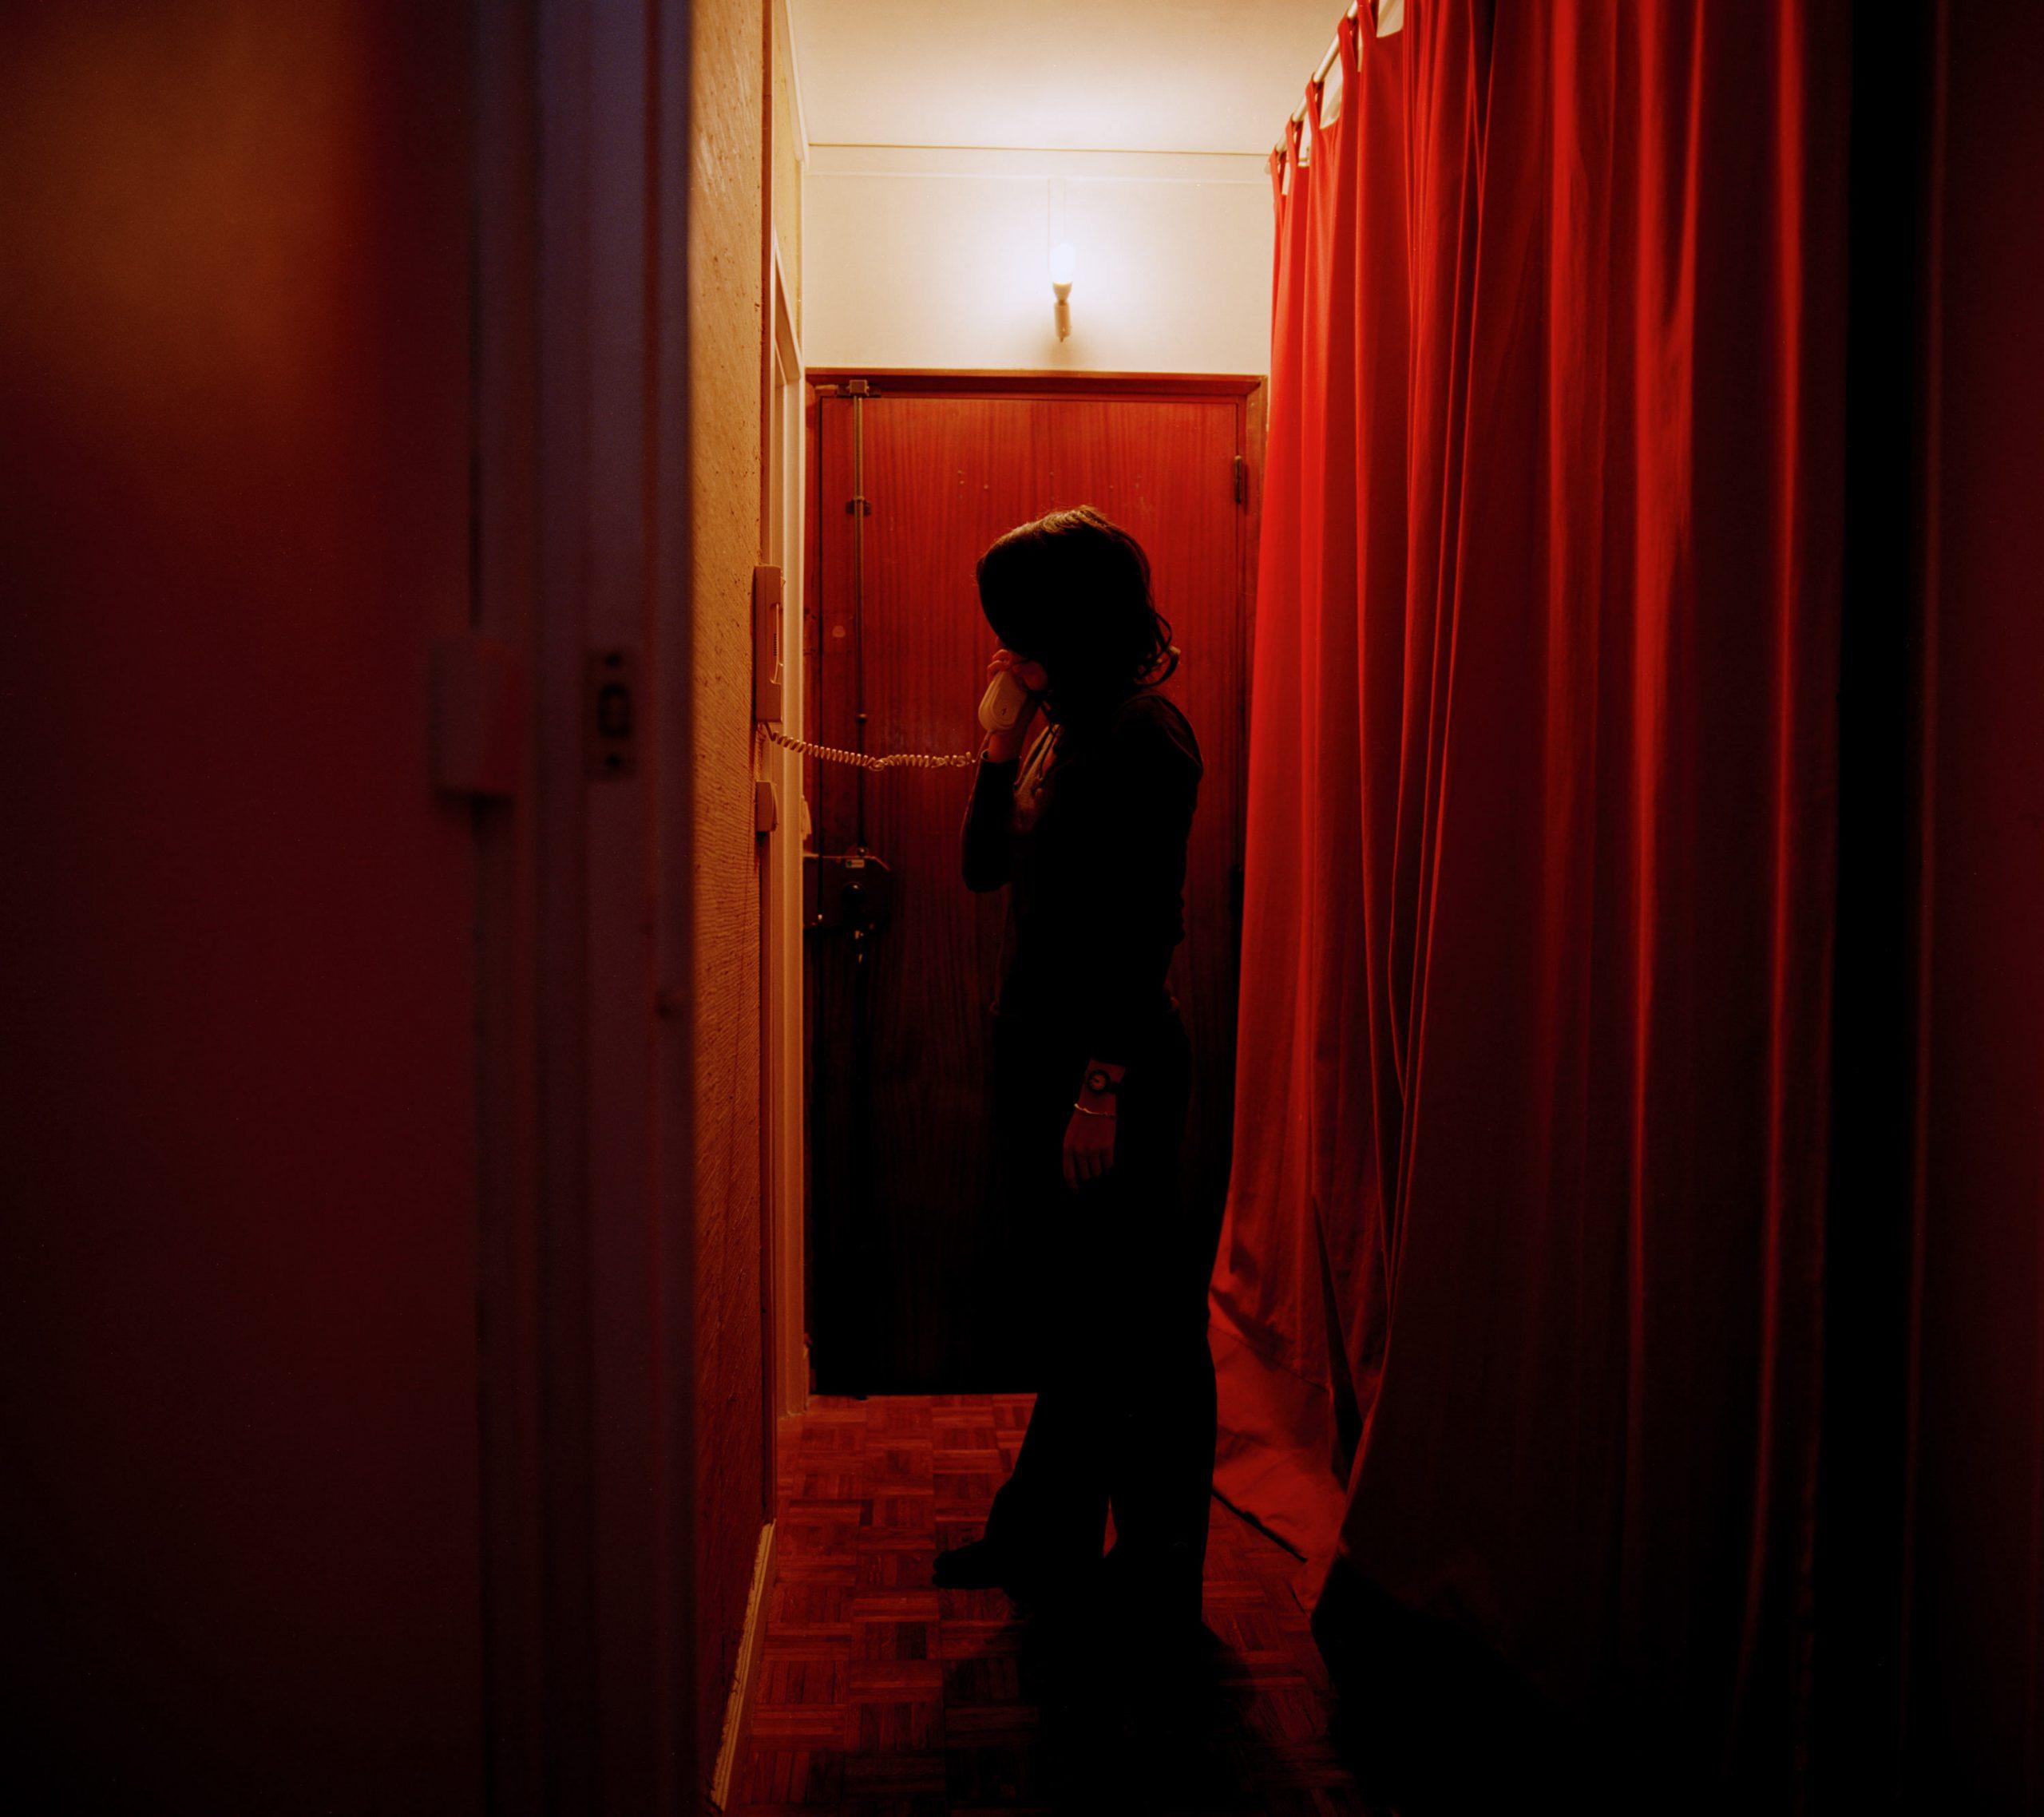 Wren-Agency-Rachel-Louise-Brown-Malevolent Eye - 01